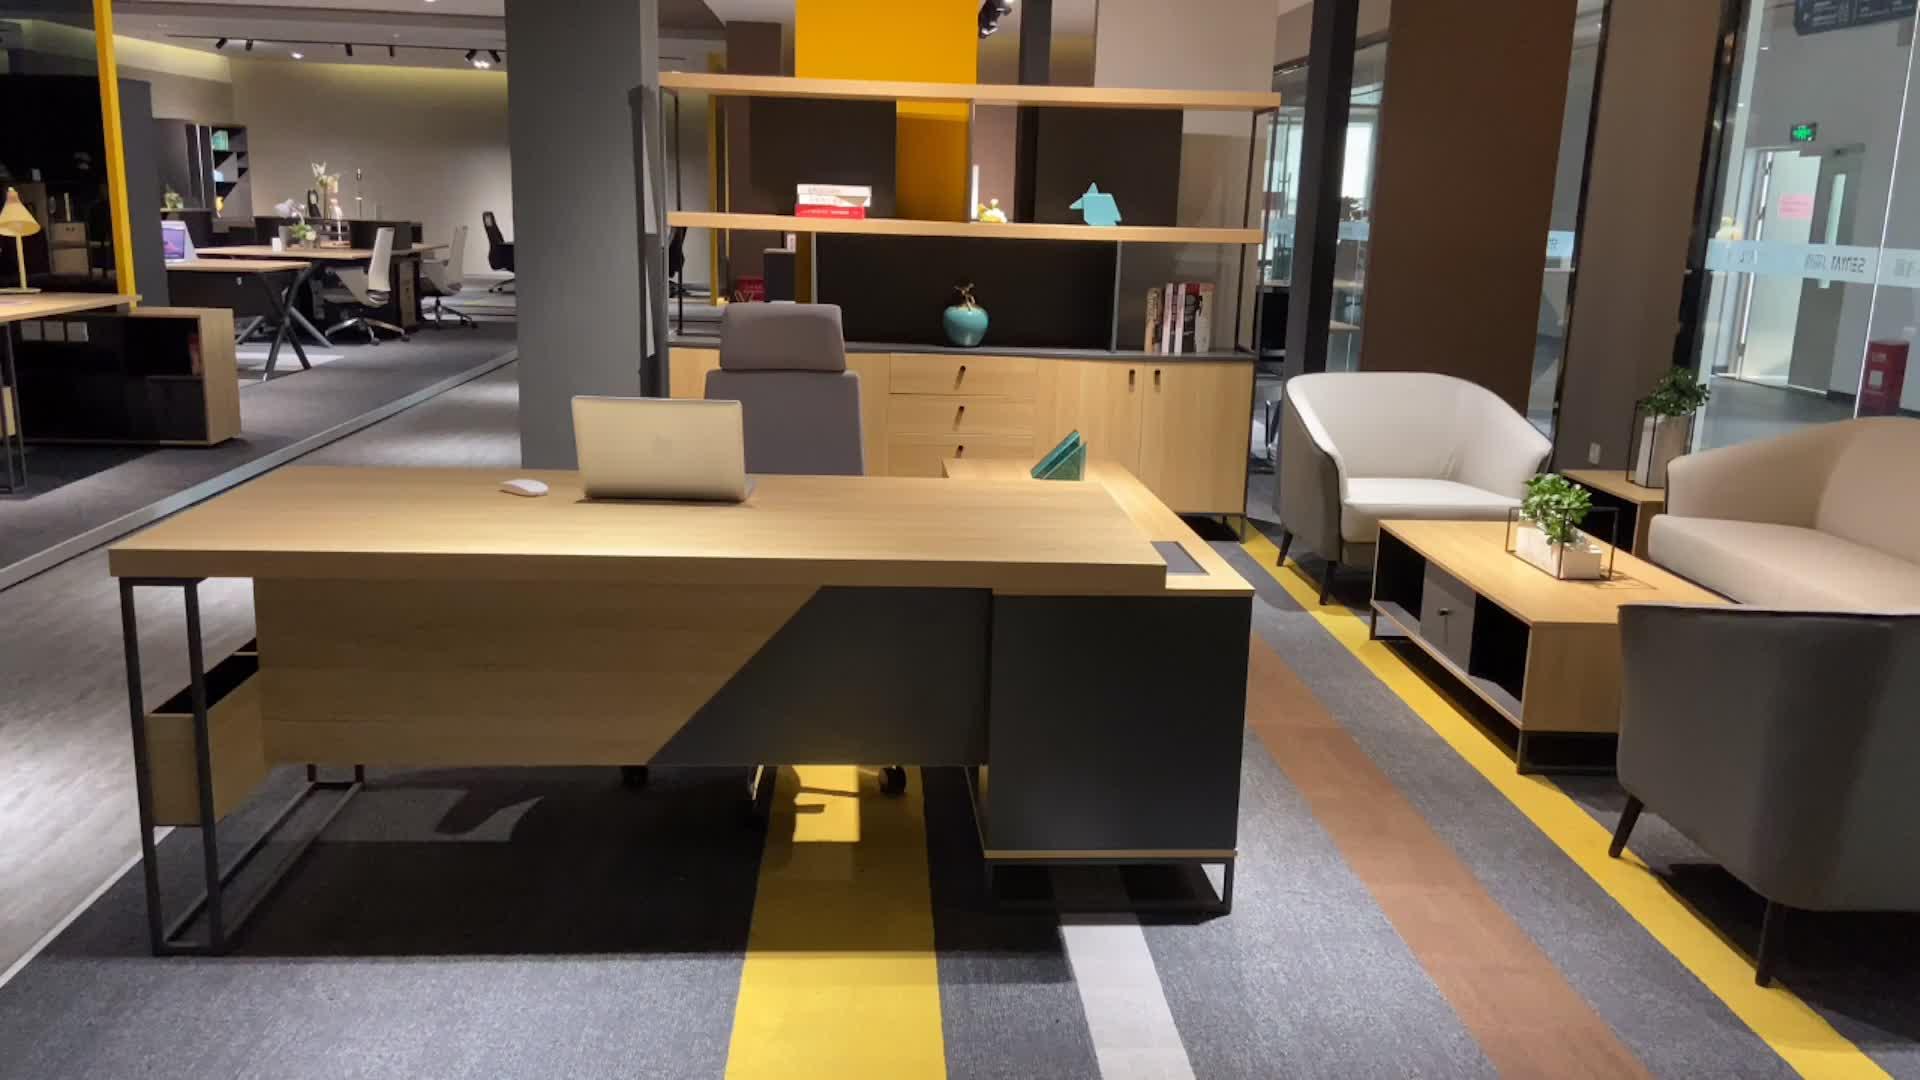 Dious Исполнительный менеджер офис современная офисная мебель Исполнительный роскошный деревянный офисный стол